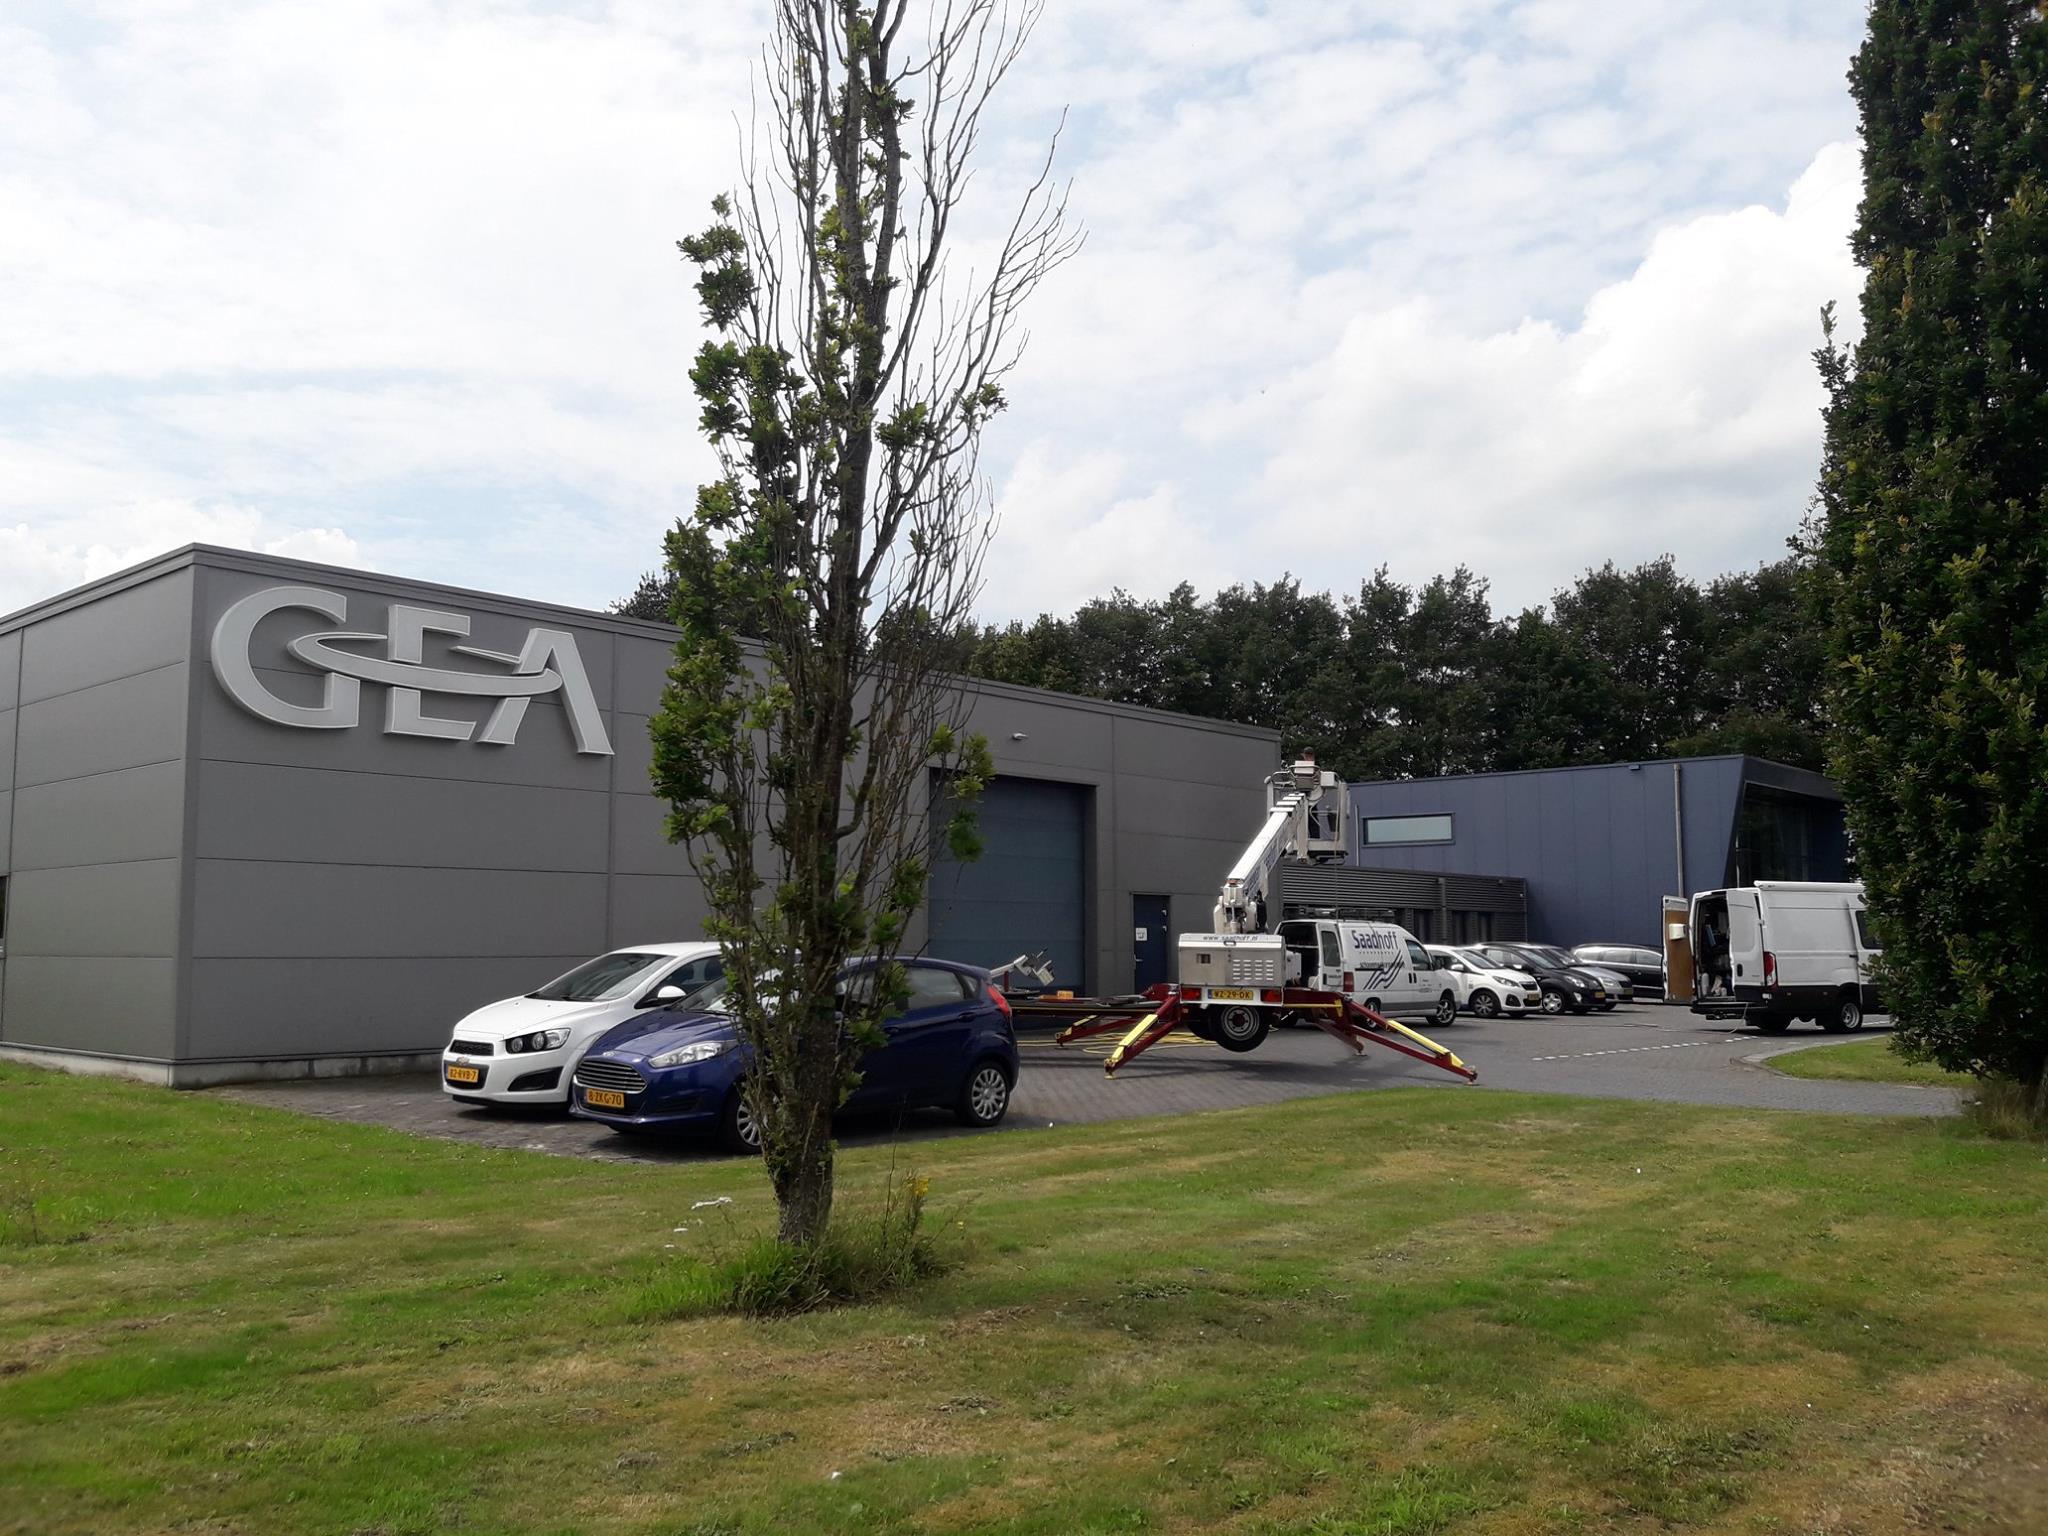 Bedrijfspand Van GEA Hovex BV. Anti Spin Behandeling Veendam Provincie Groningen